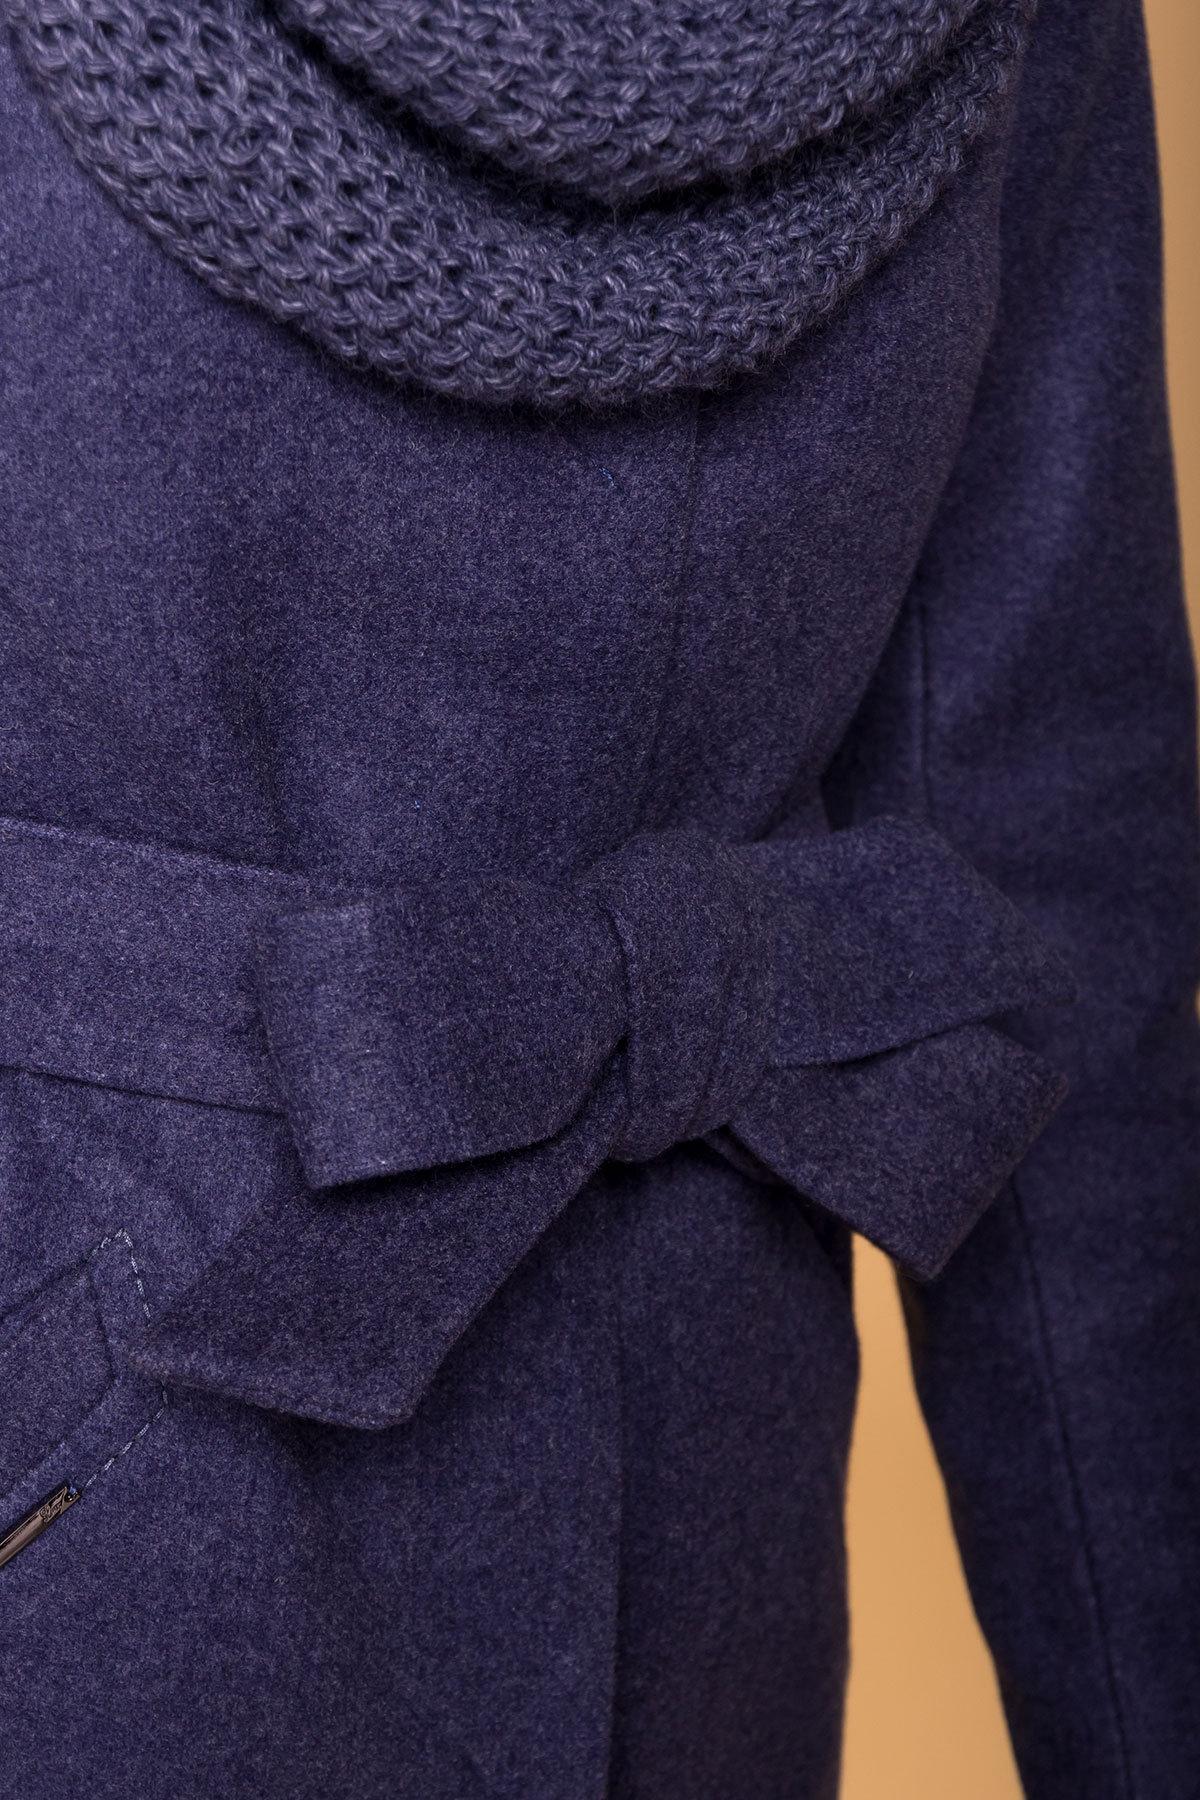 Пальто зима (шарф-хомут в комплекте) Люцея 5884 АРТ. 39421 Цвет: Джинс 57 - фото 6, интернет магазин tm-modus.ru